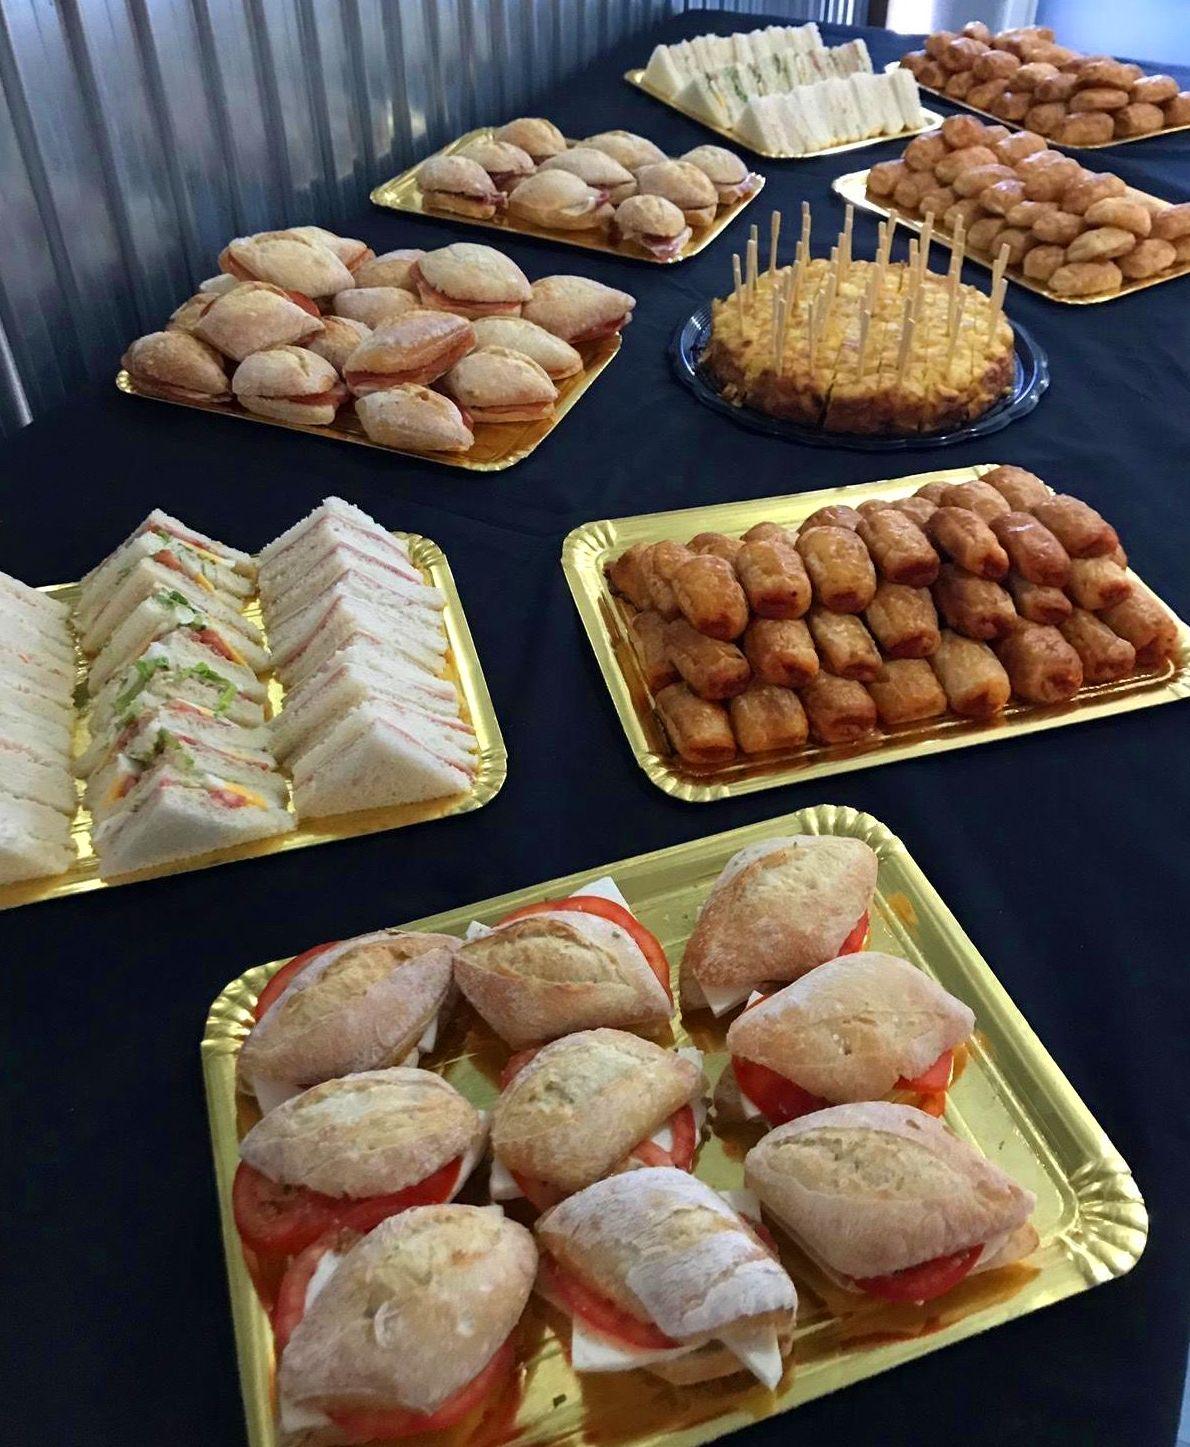 Foto 10 de Panadería y pastelería: amplia variedad de panes y repostería artesana en Puerto del Rosario | Panadería Pastelería Cafetería Pulido Alonso